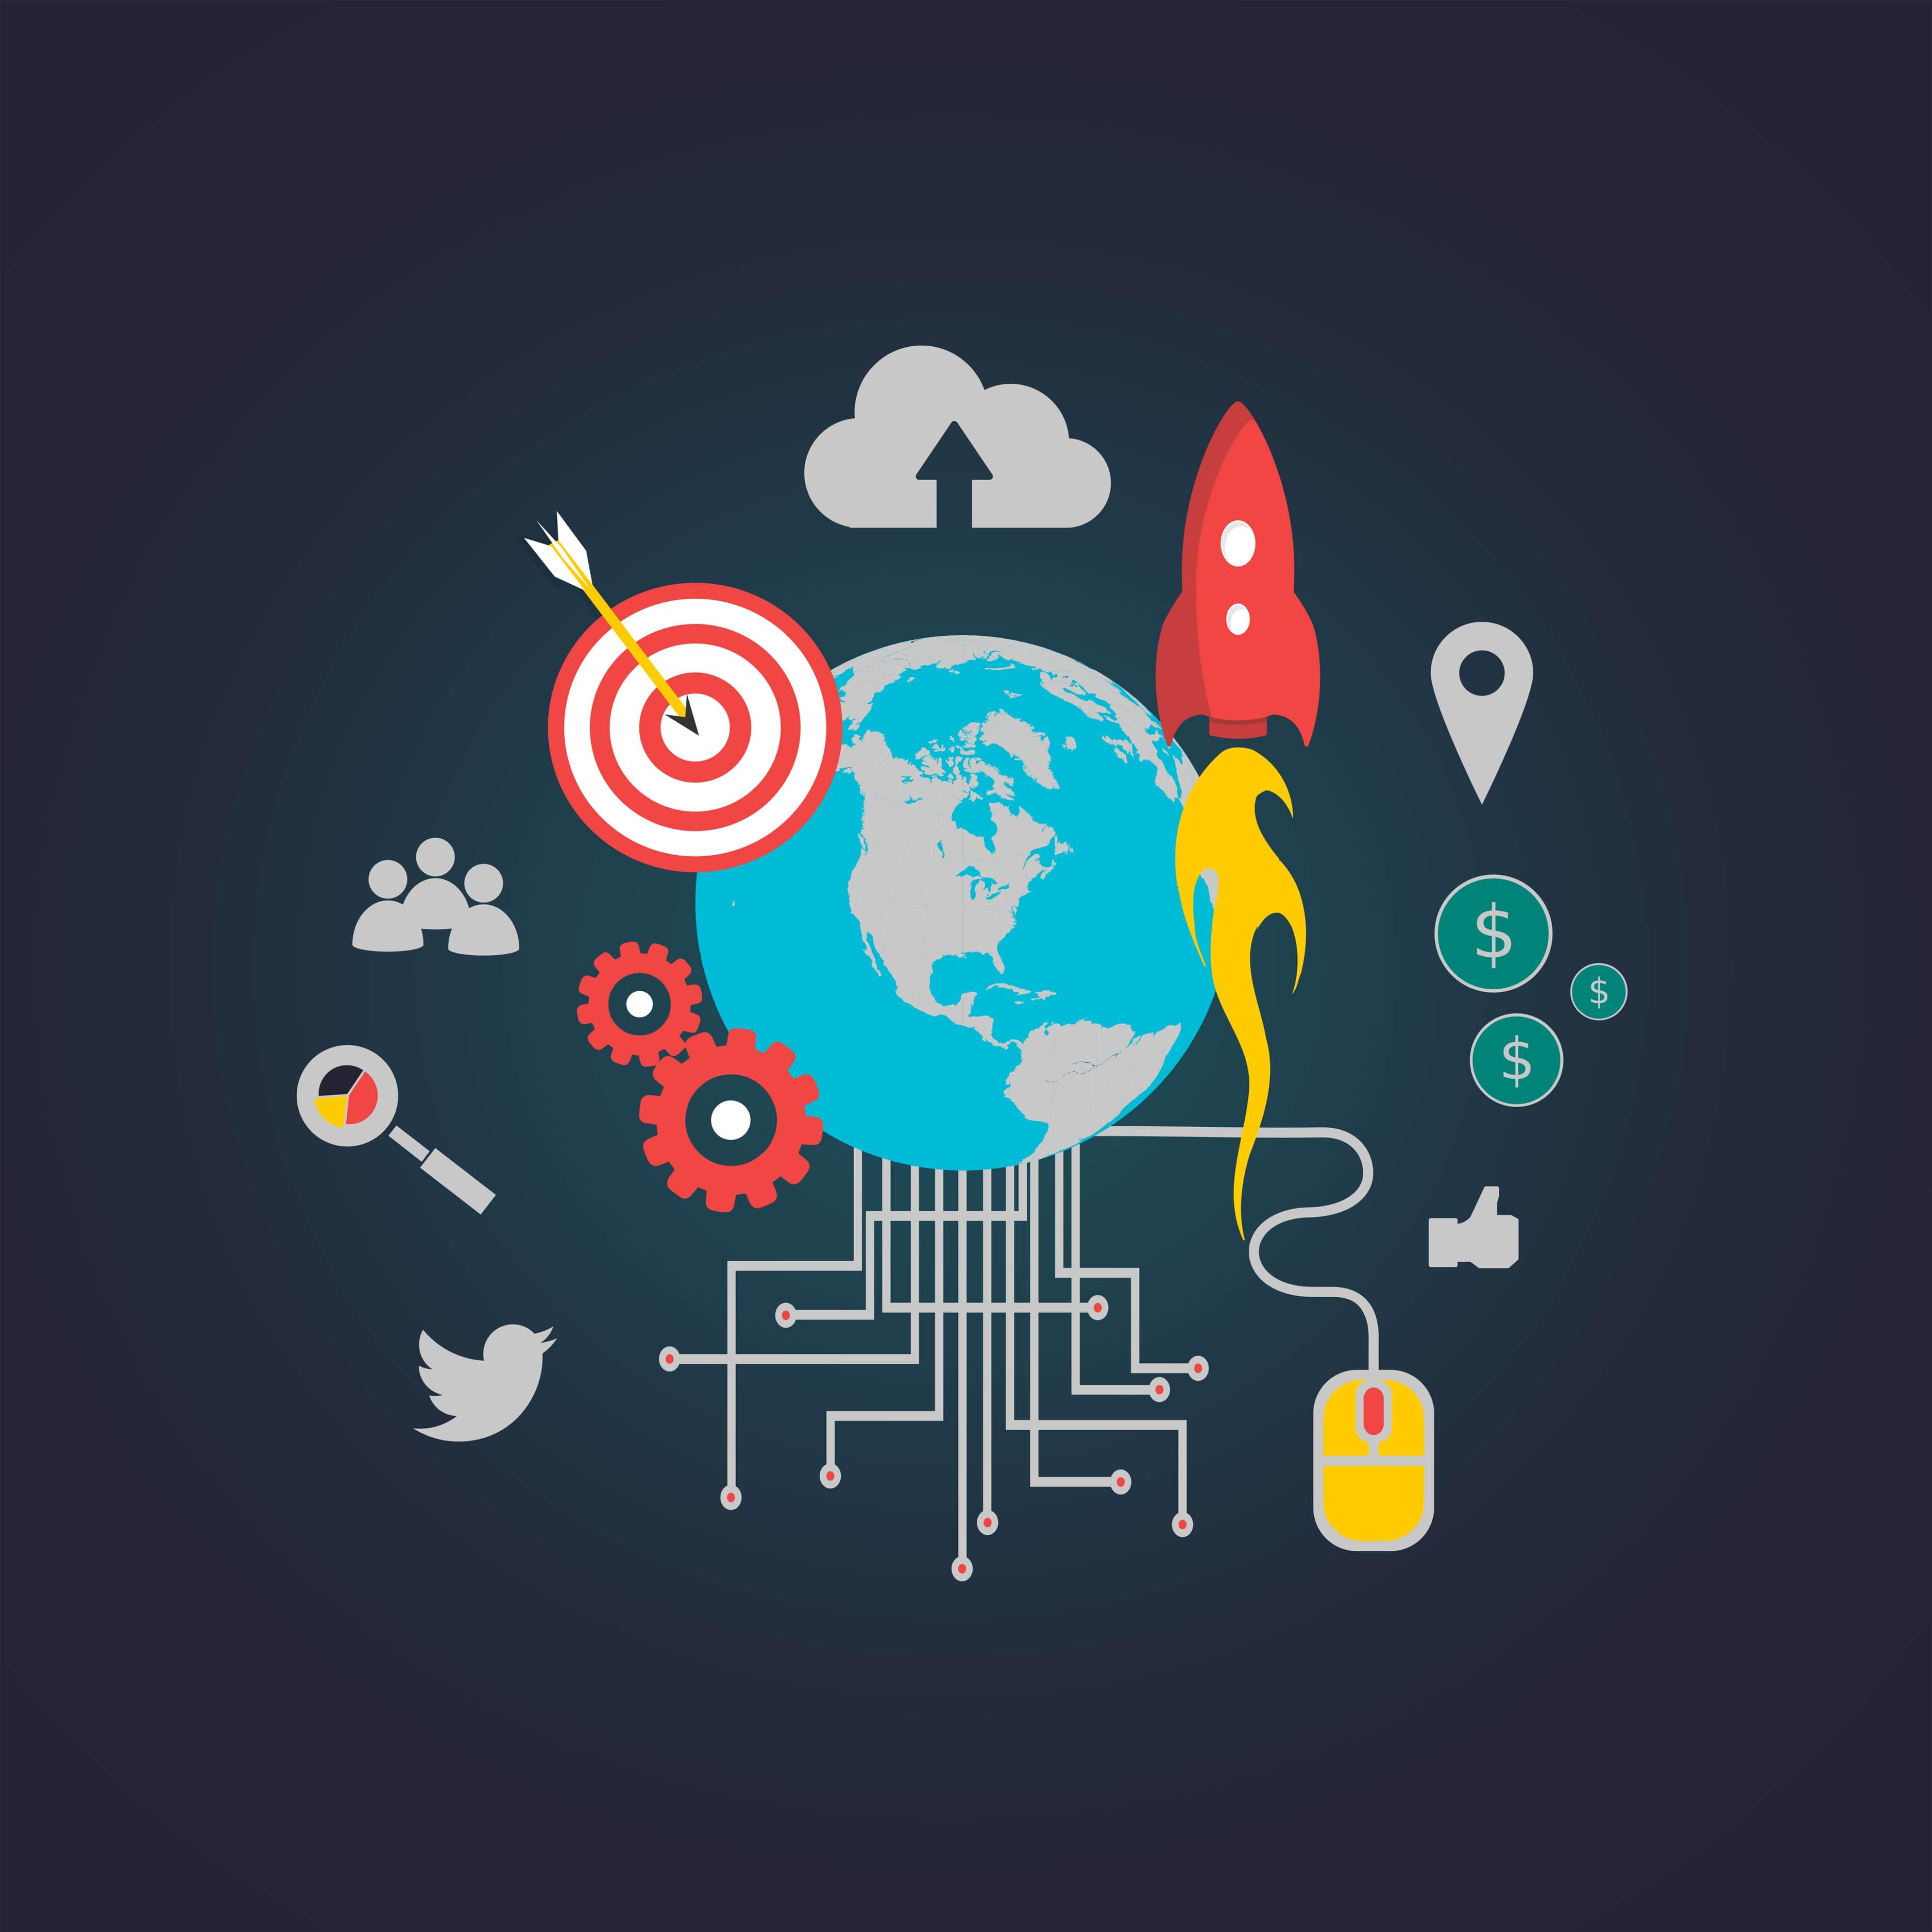 Comment votre stratégie d'inbound marketing sera gérée par votre agence webmarketing ?